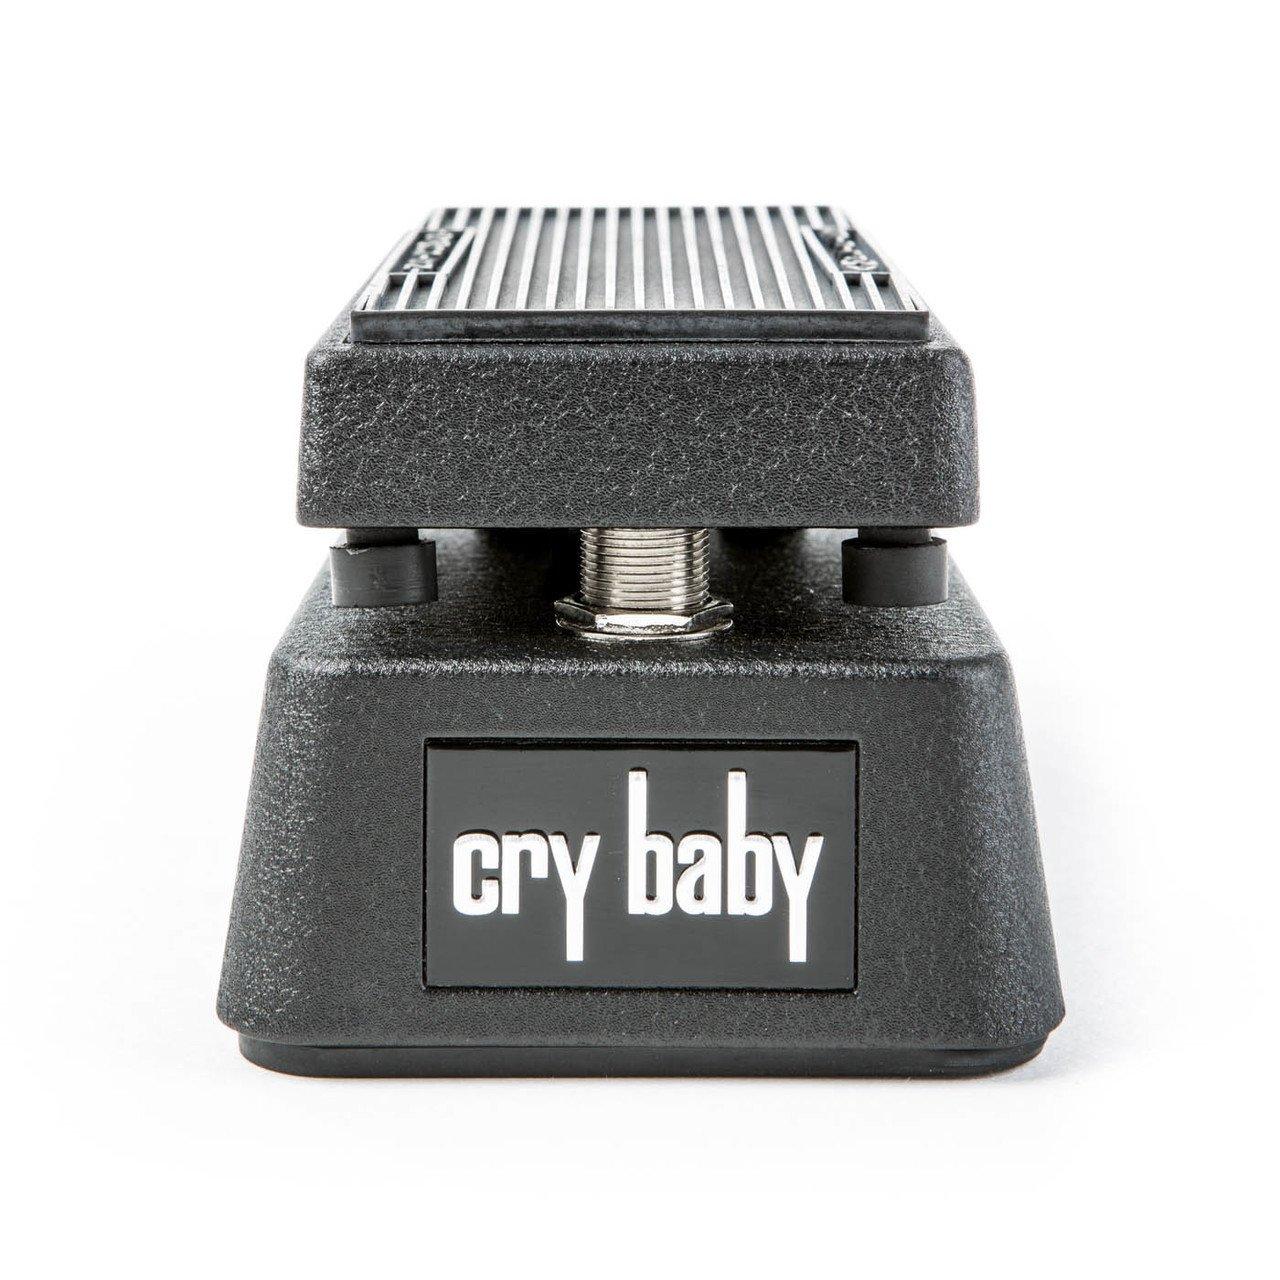 Cry Baby Mini Wah